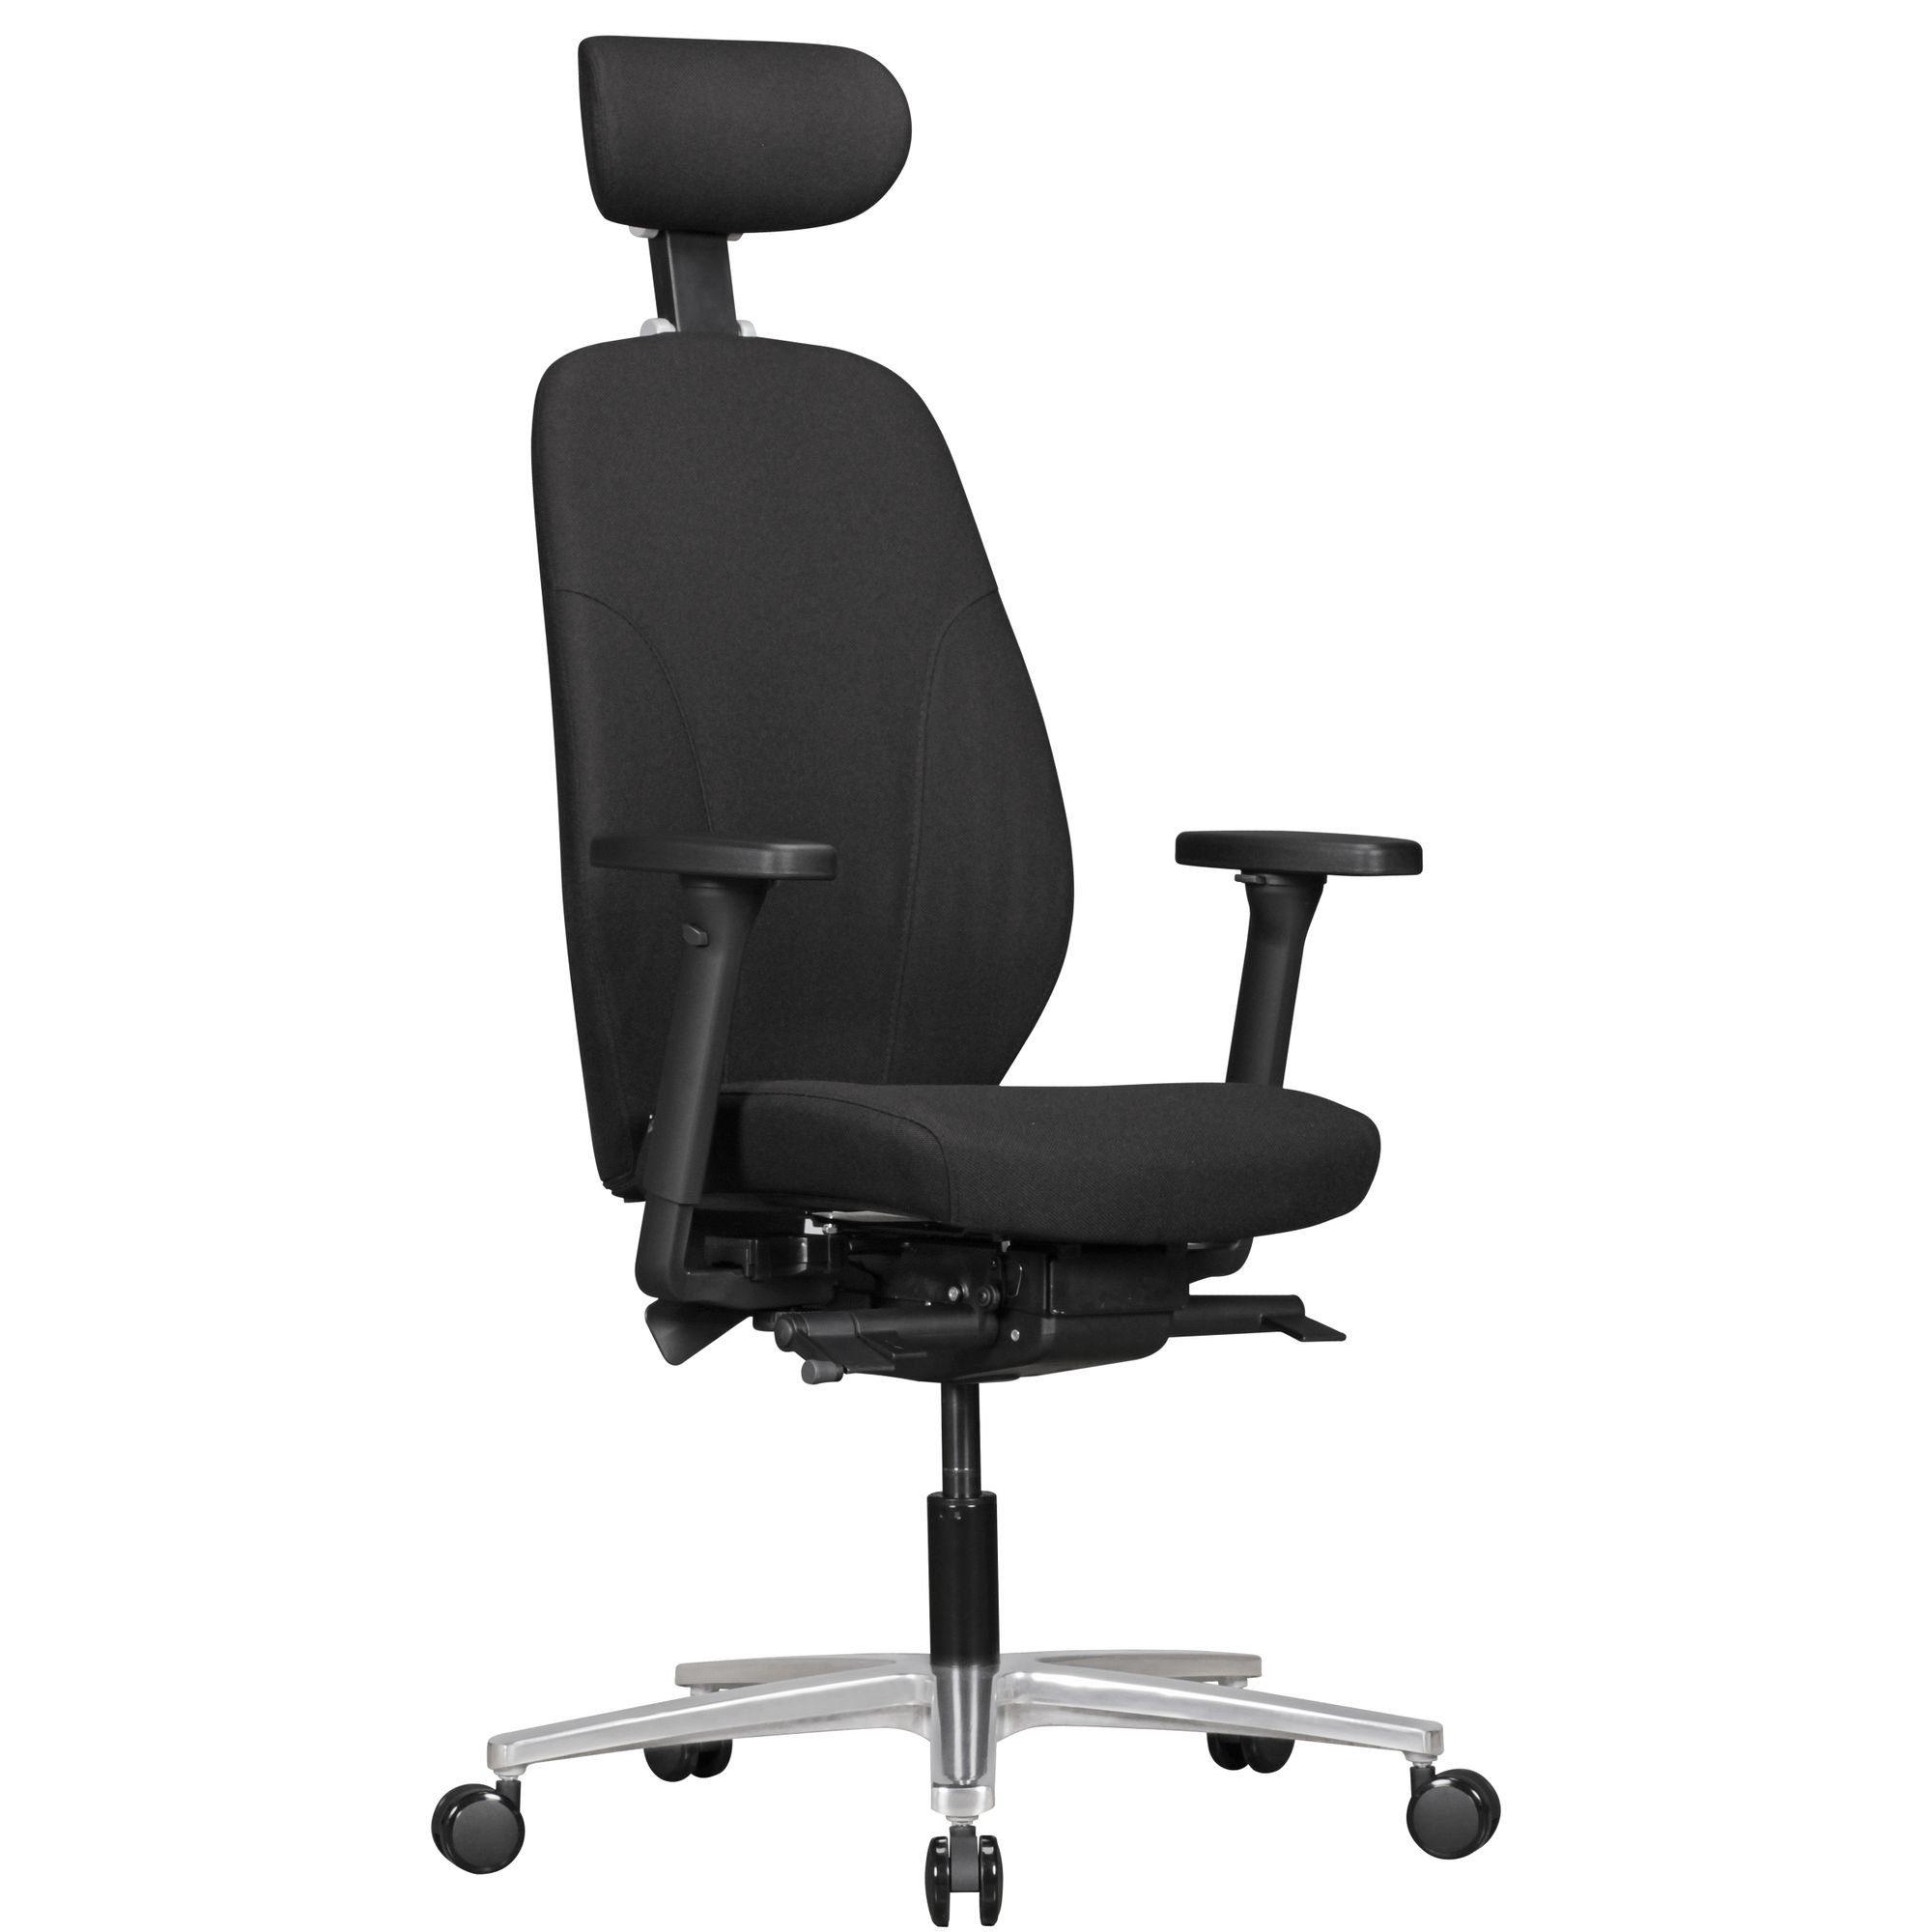 FineBuy Bürostuhl Stoff Drehstuhl mit Armlehne Blau Schreibtischstuhl Stuhl Büro